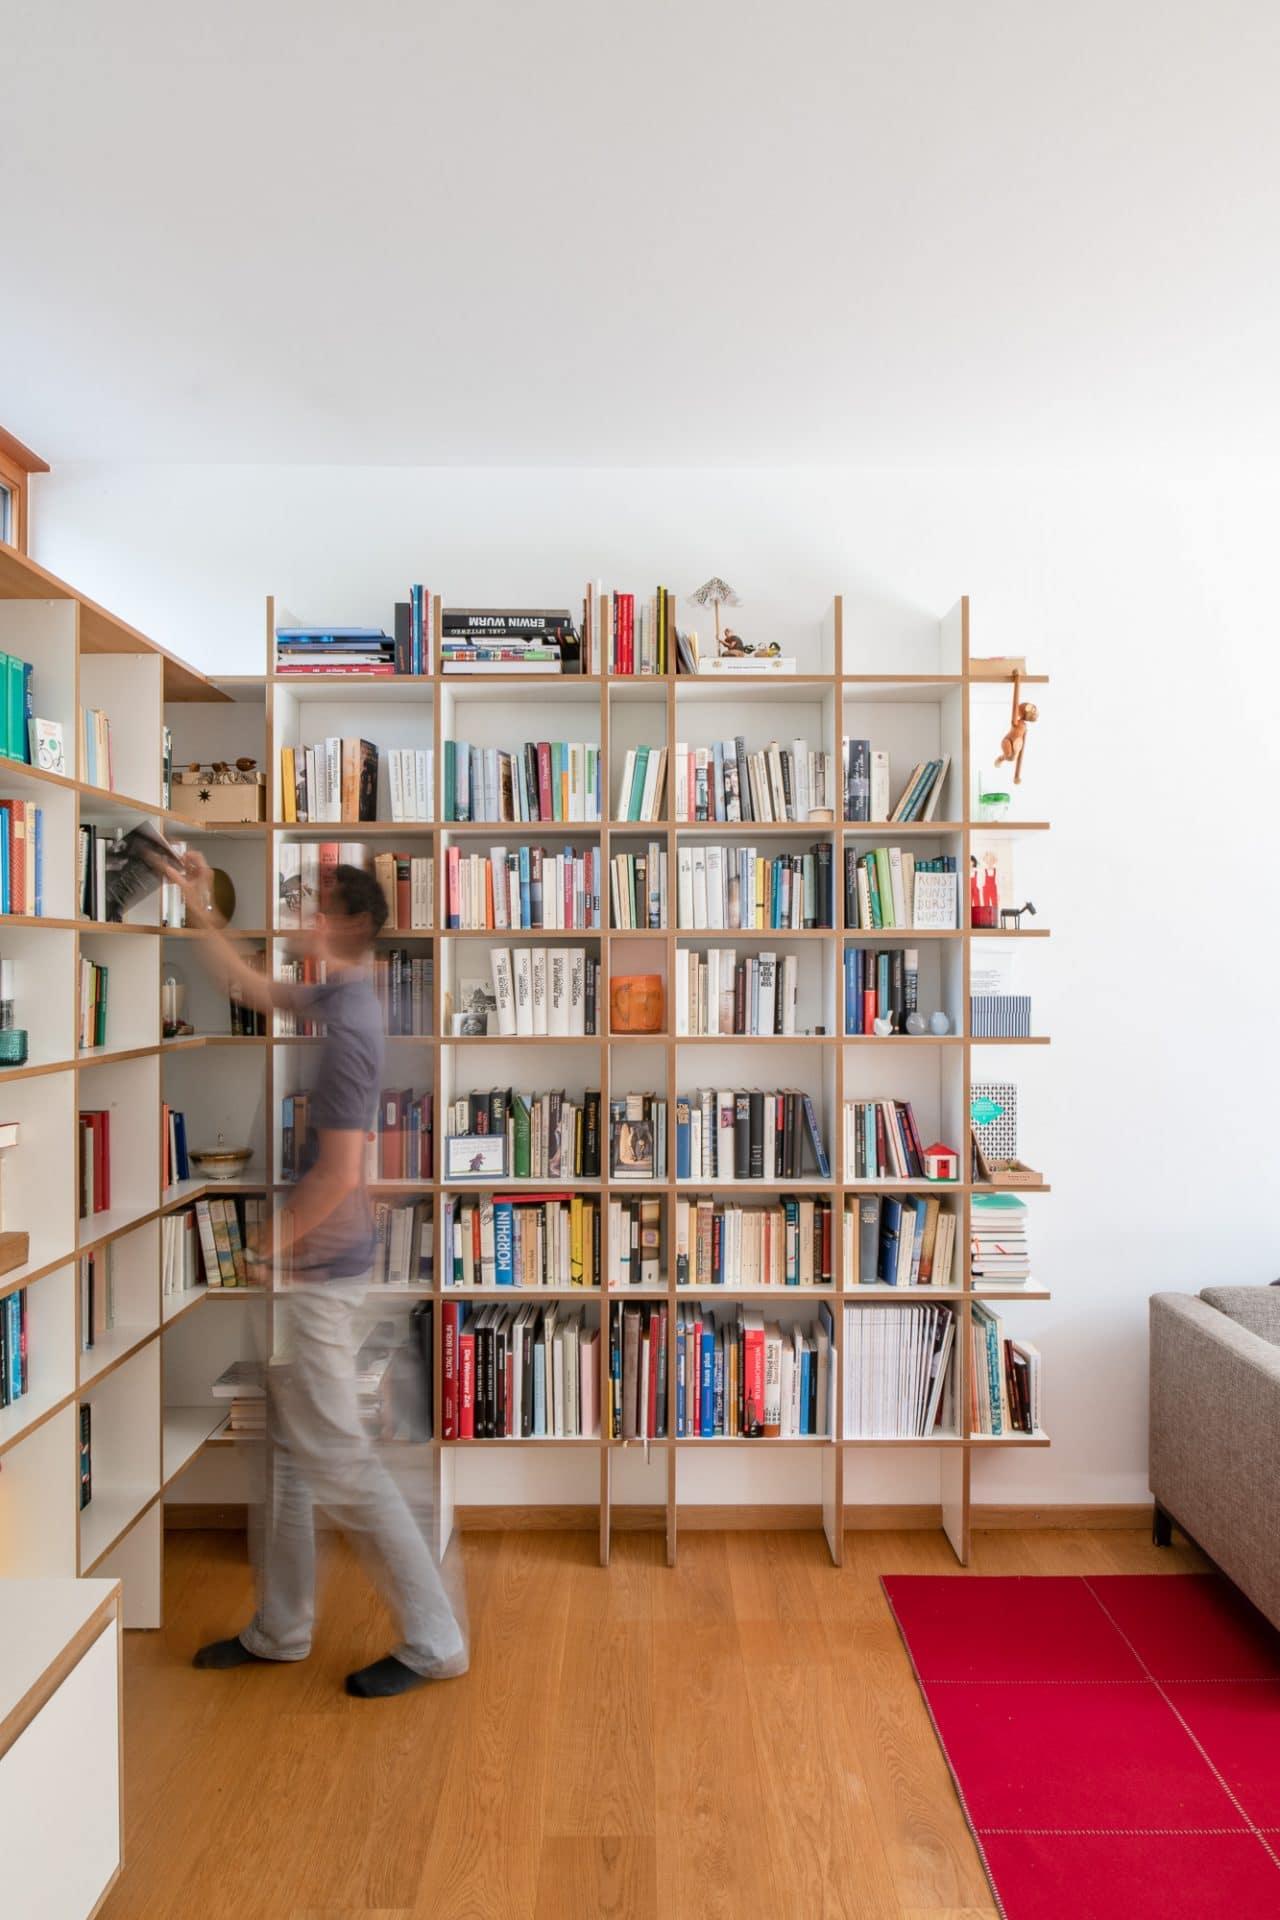 Küchendesign von VOIT aus Beton in Kombination mit Eiche Natur - Bücherregal mit Büchern